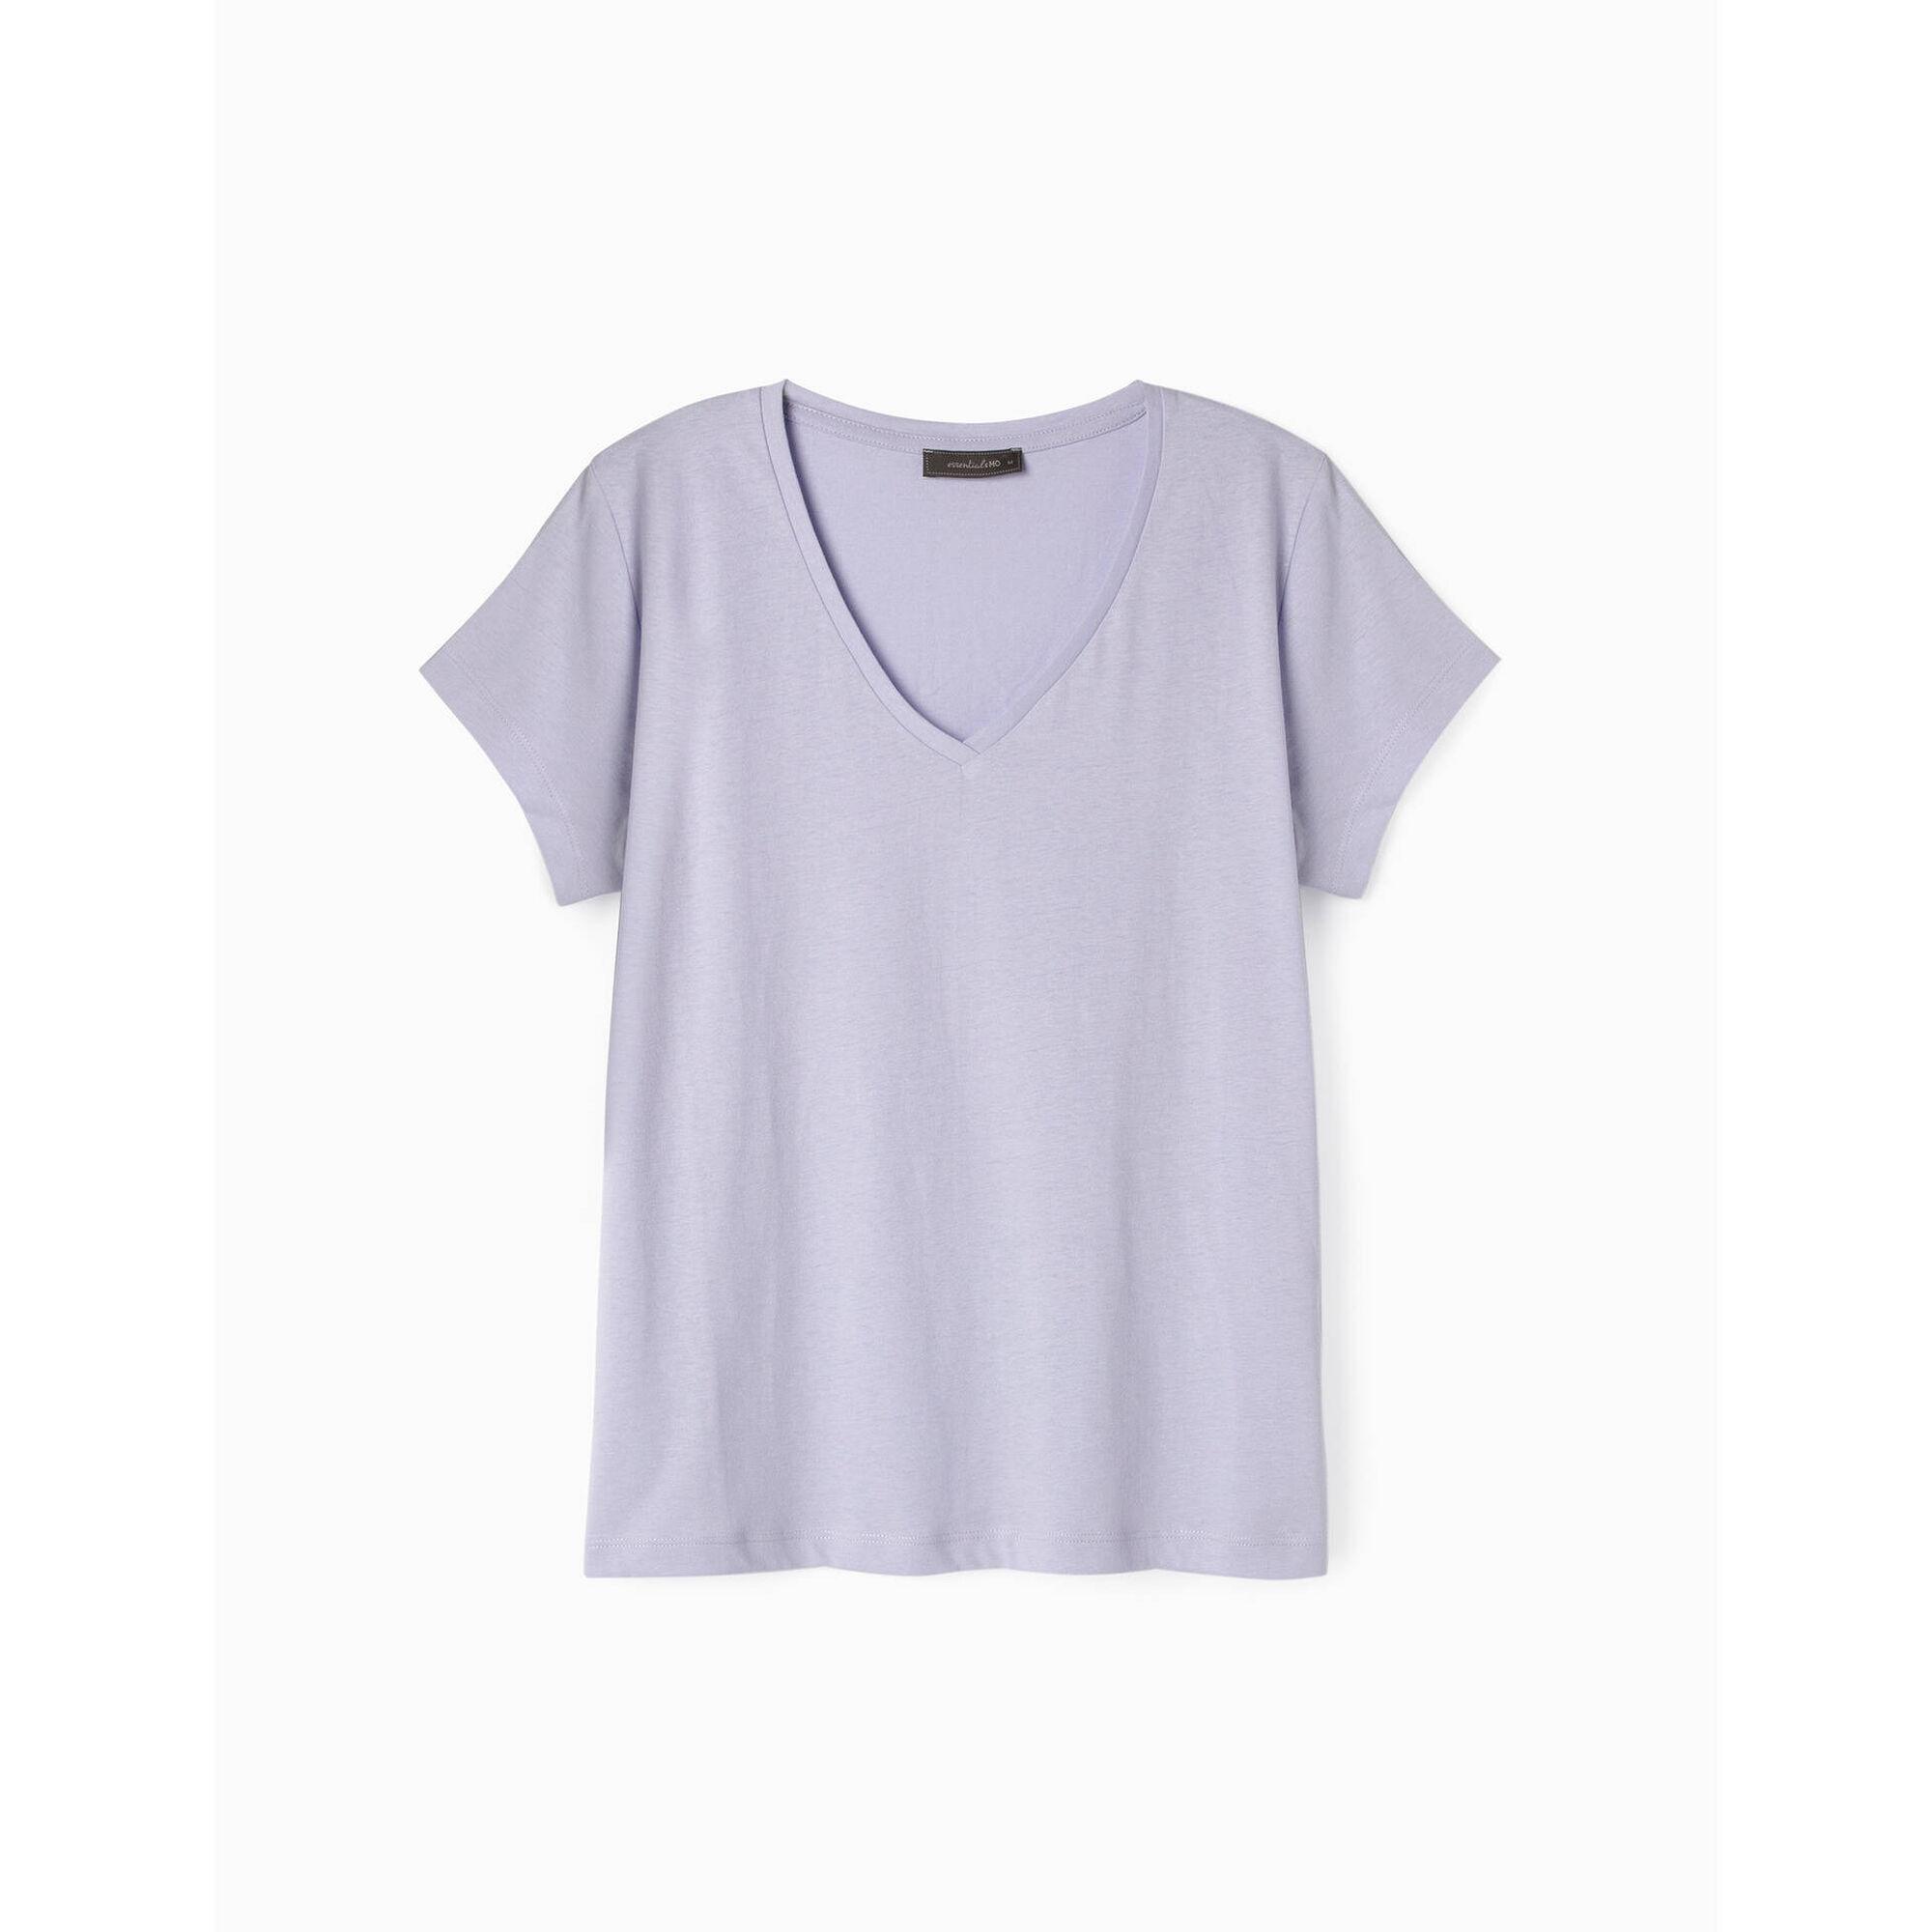 T-shirt Mulher Algodão com Decote em V Lilás